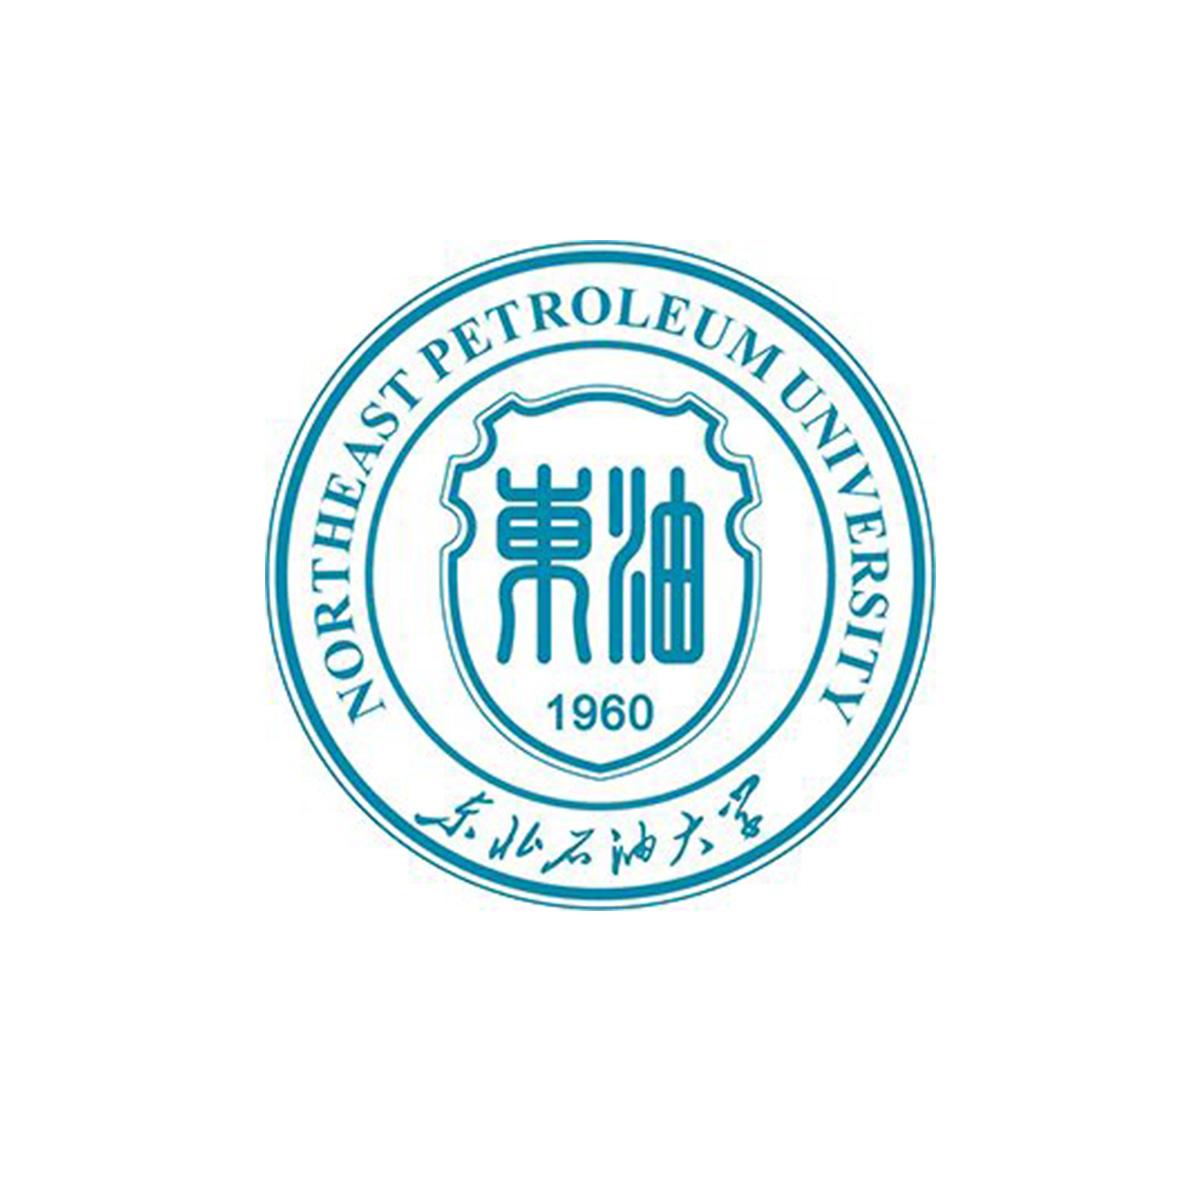 哈尔滨工业大学,上海交通大学,中科院沈阳分院,东北石油大学防腐研究图片